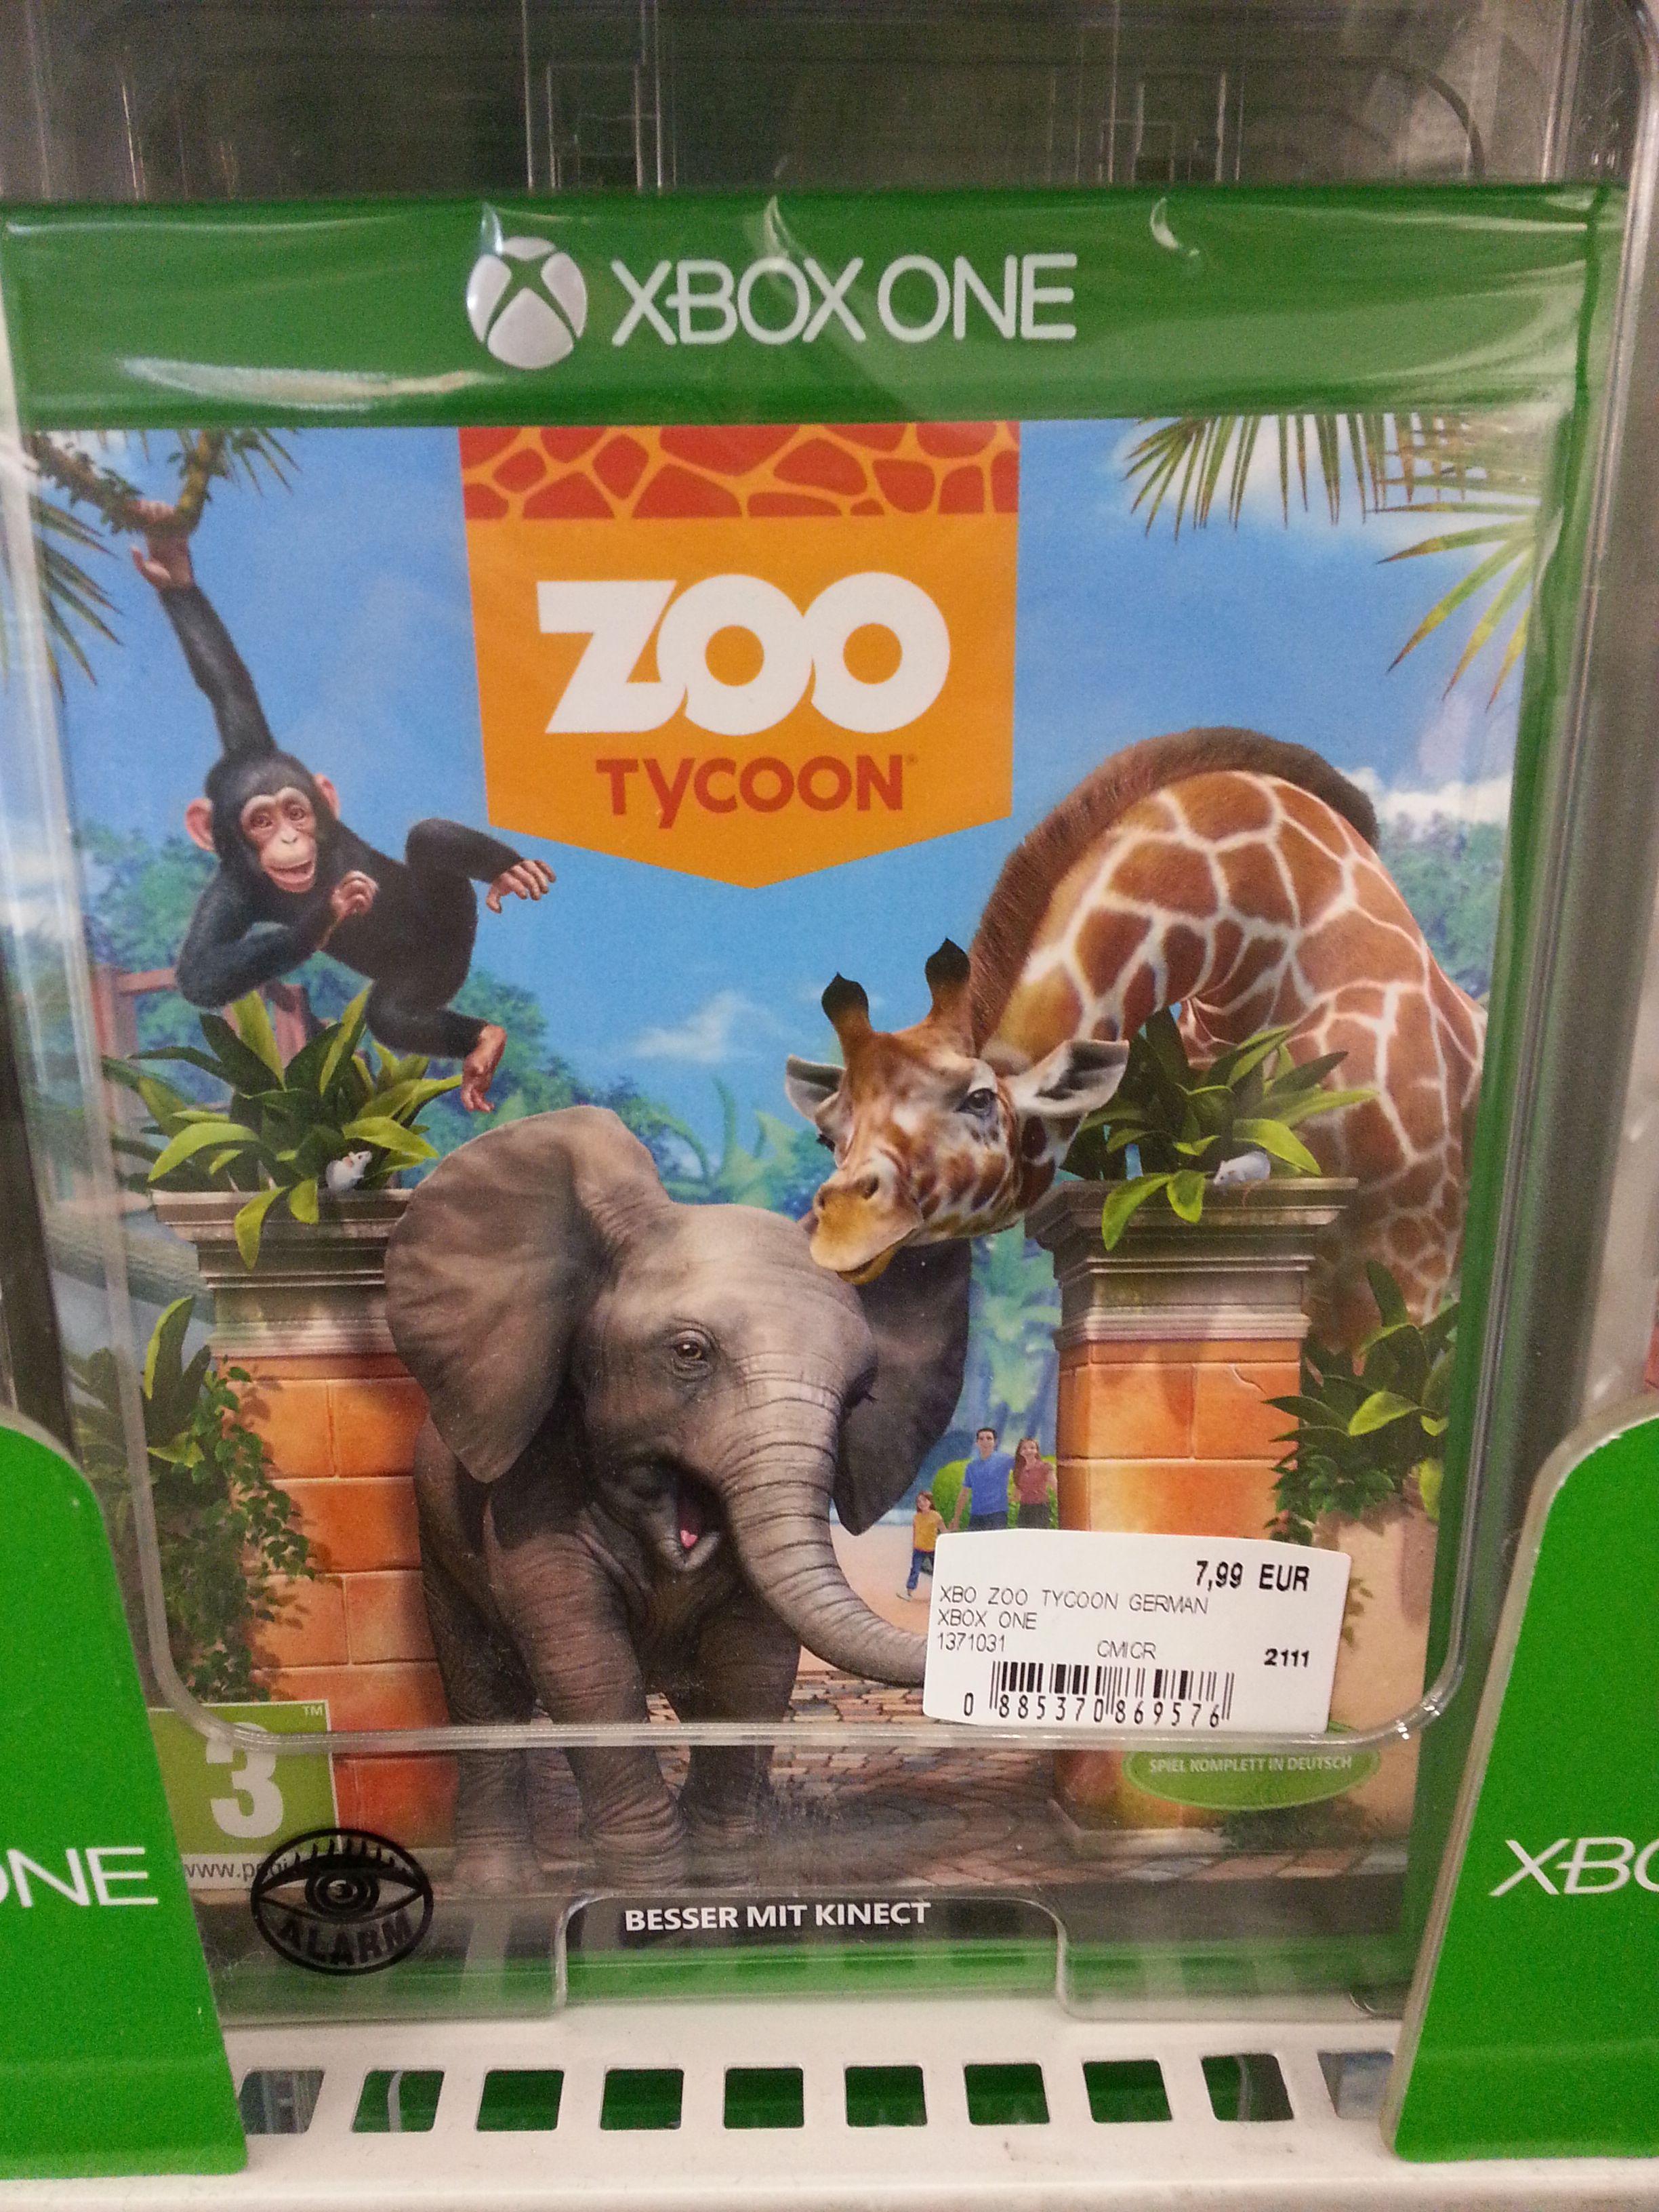 [Mediamarkt Lugner City] Xbox One Spiel Zoo Tycoon